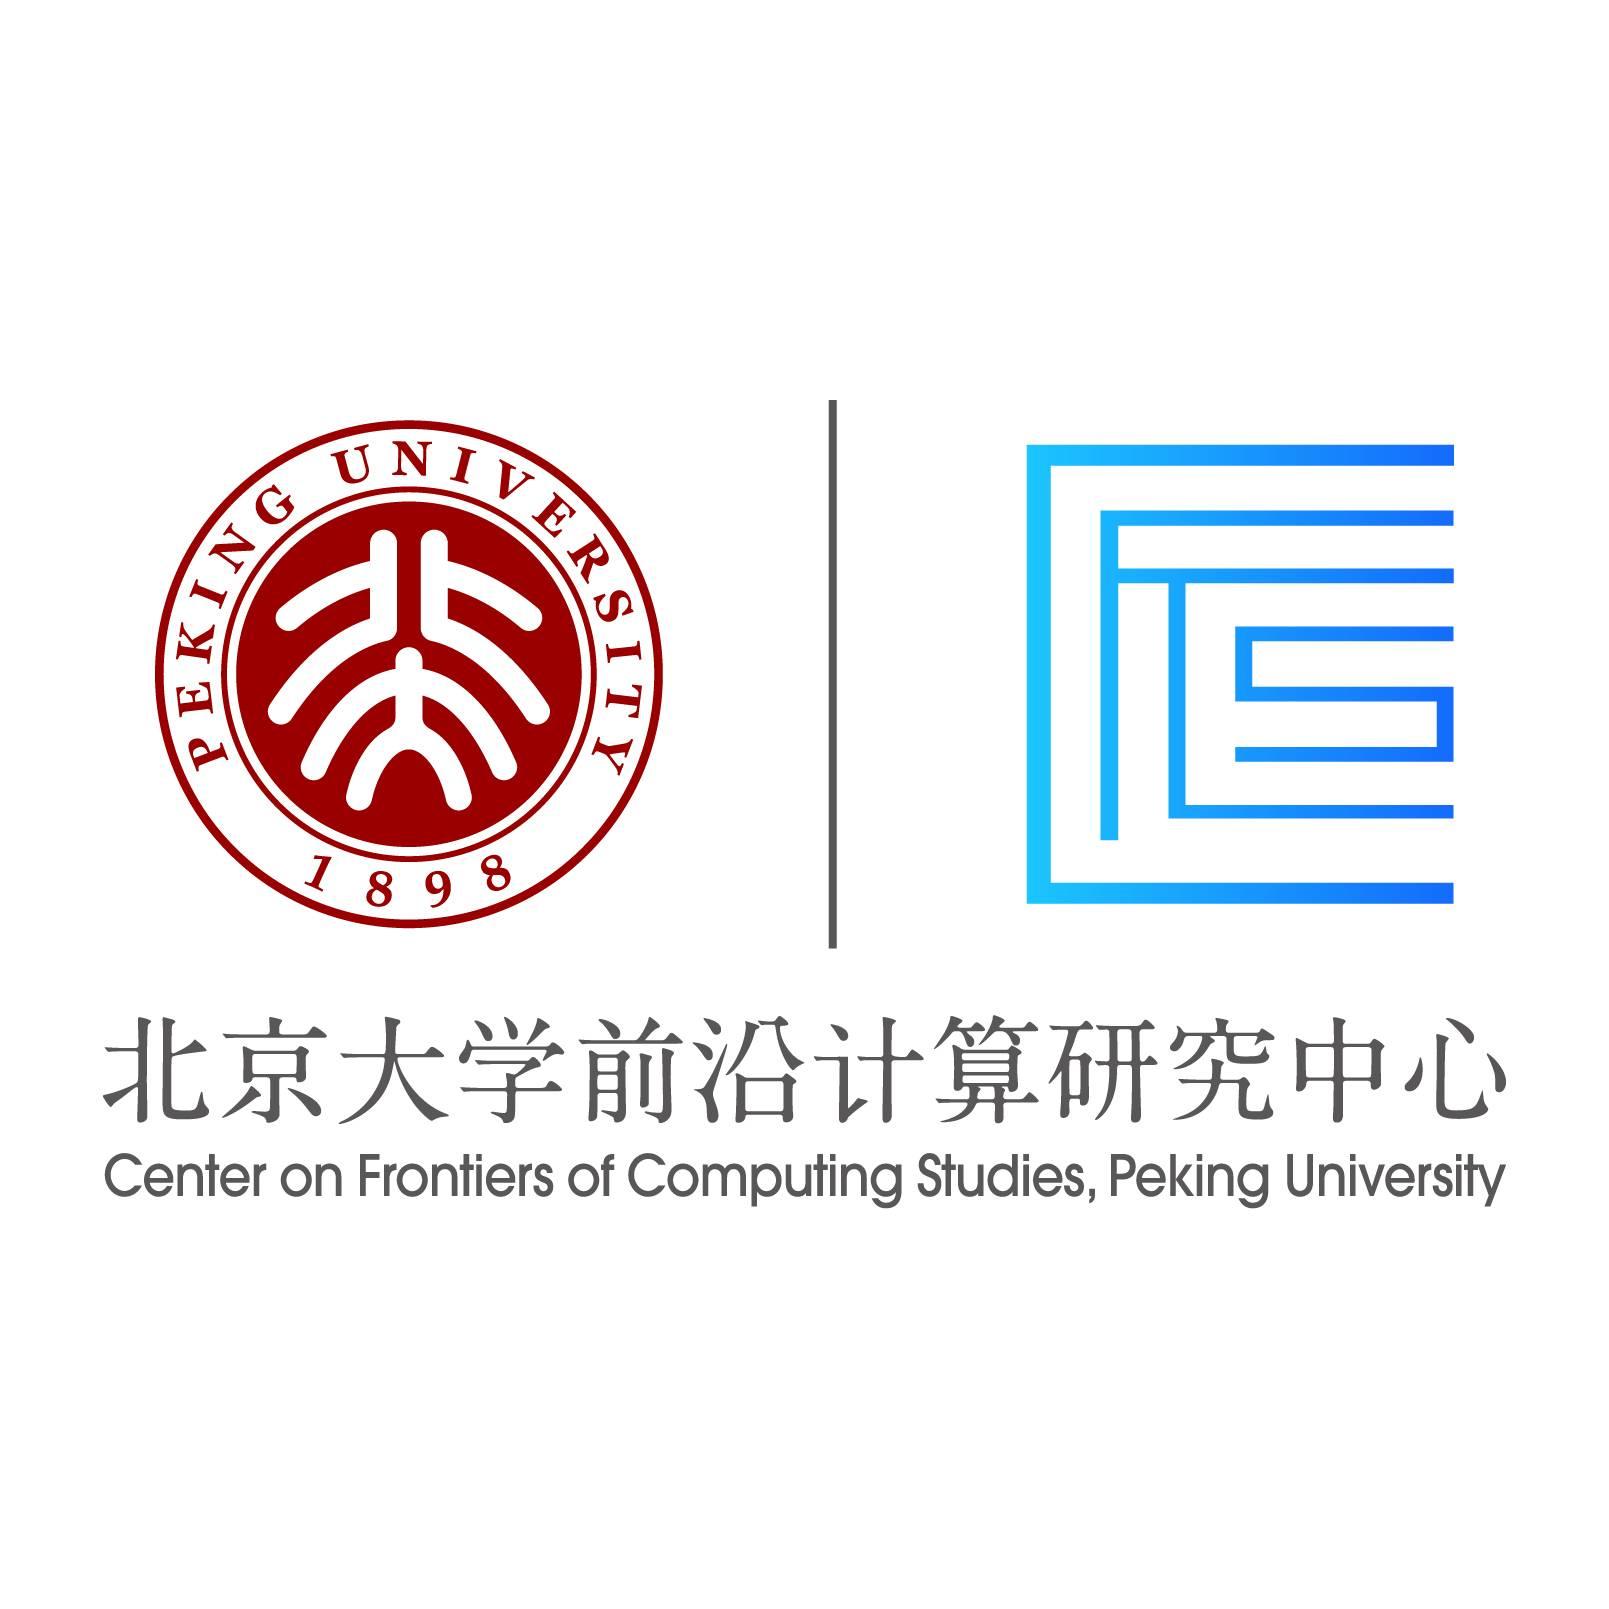 北京大学前沿计算研究中心